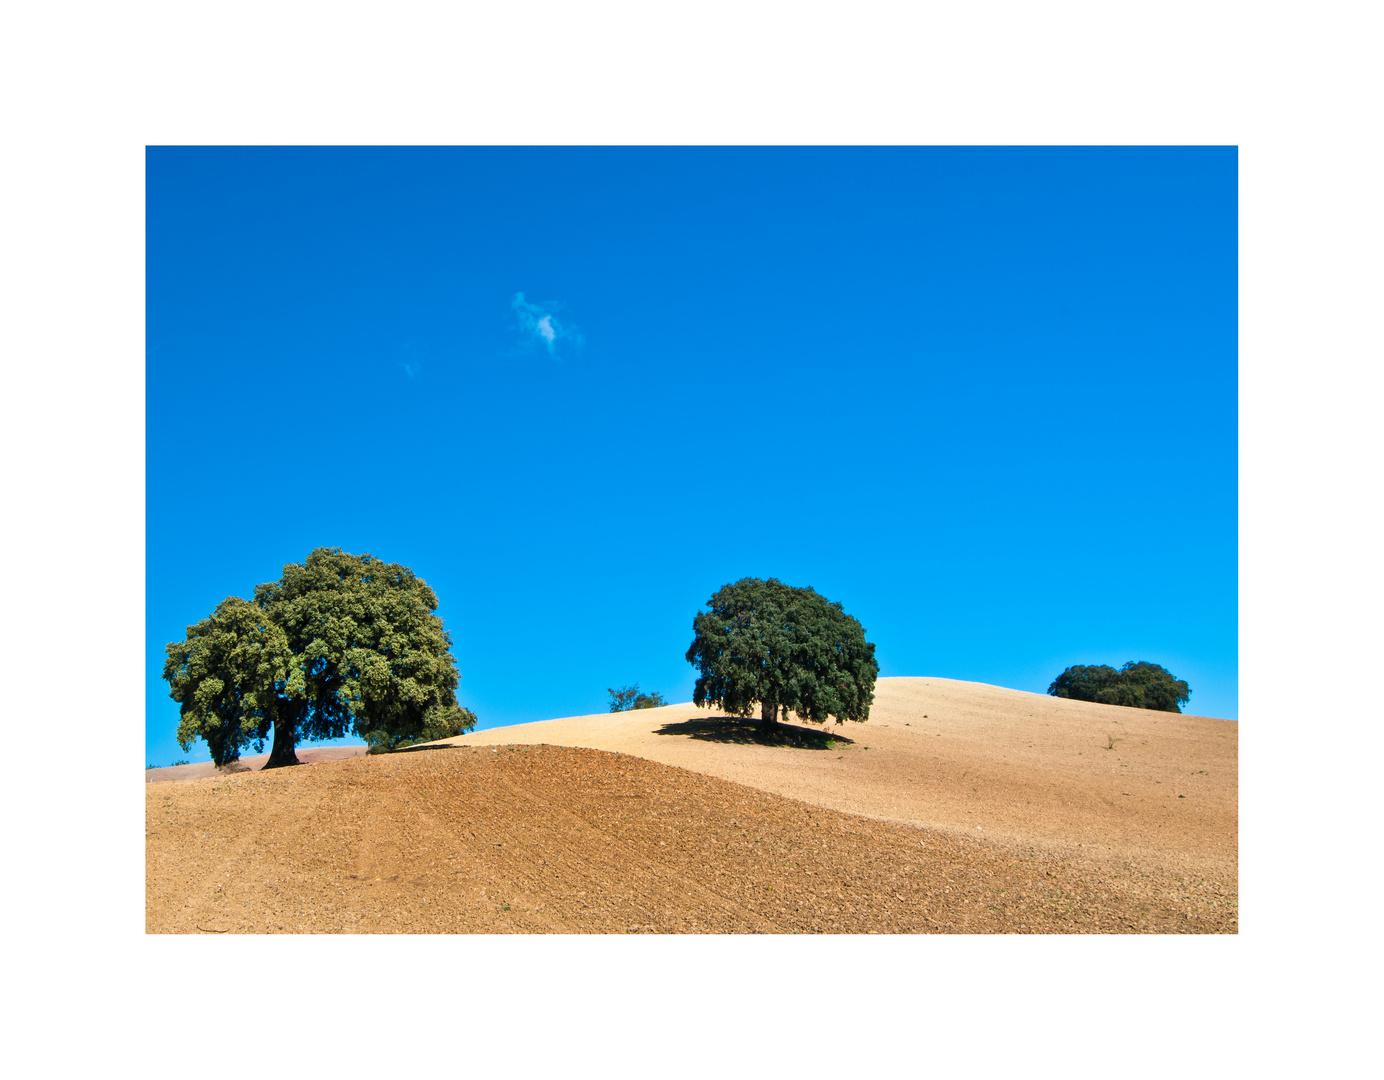 Hügelland - braun und blau